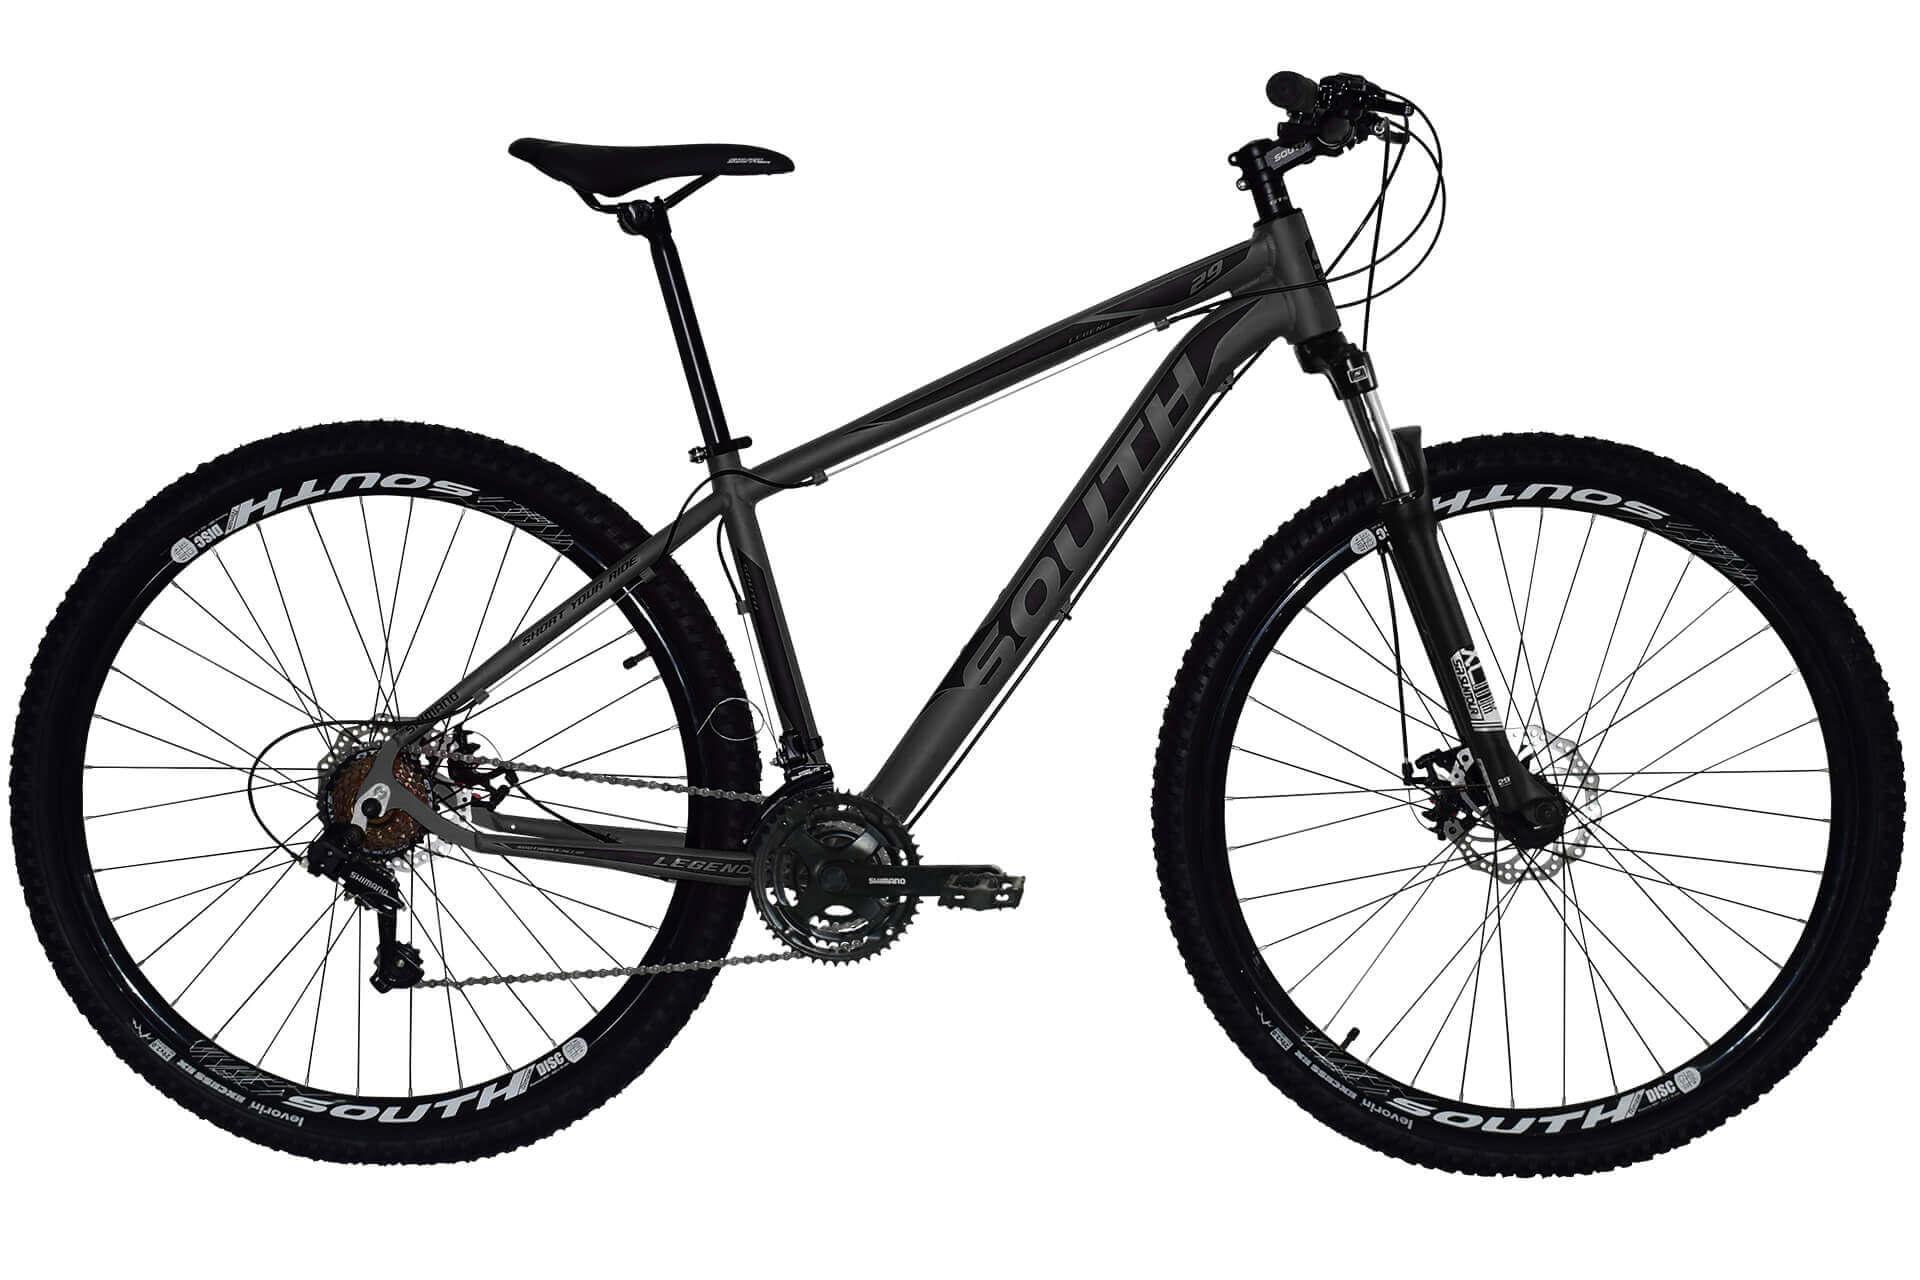 Bicicleta South Legend Shimano - 21 Marchas - Suspensão 100mm - Aluminio